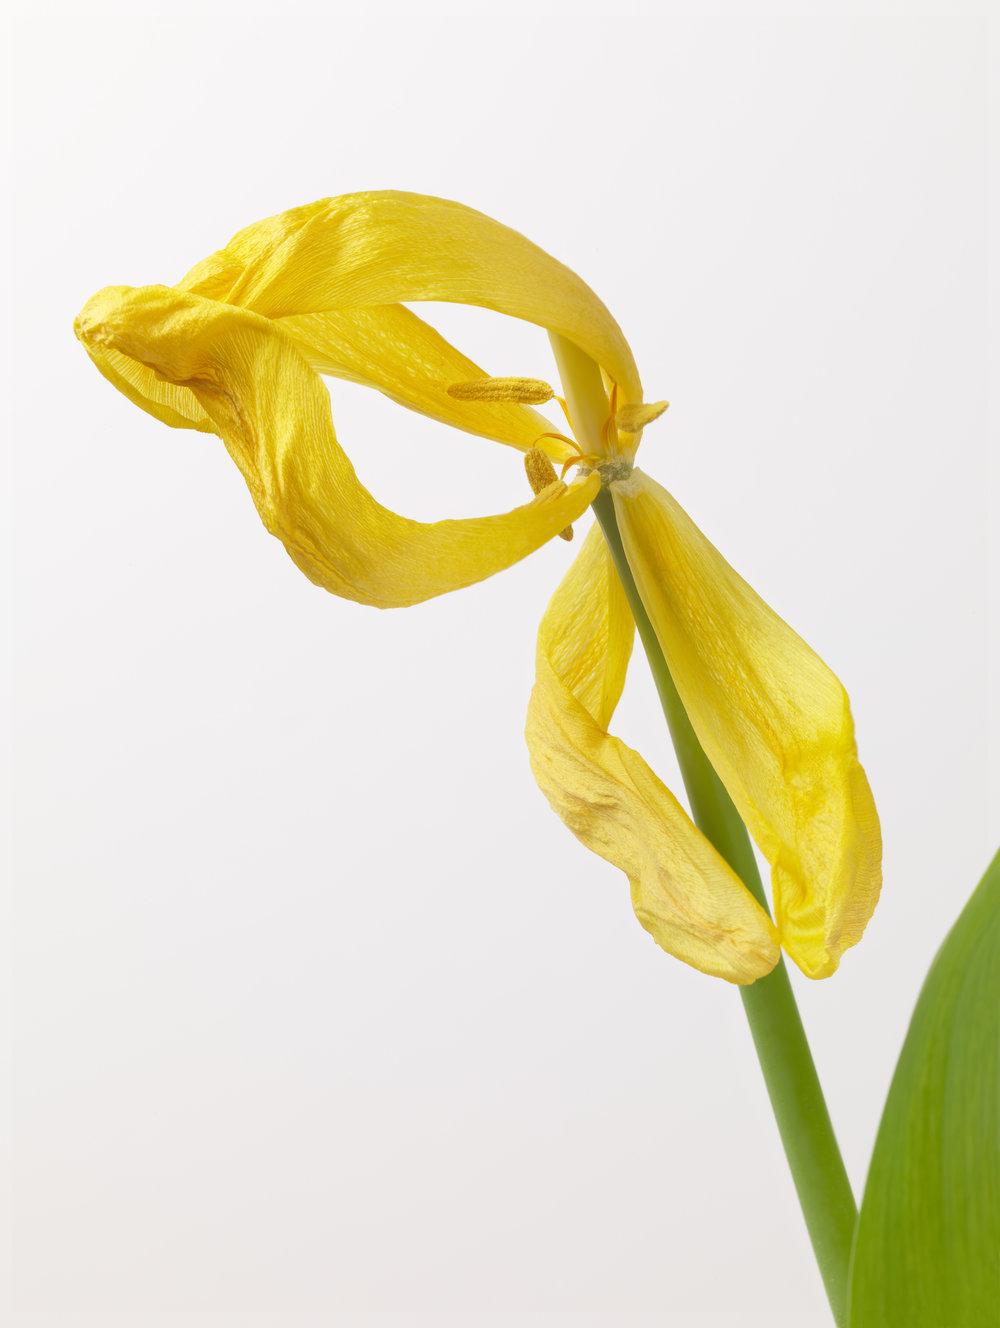 Yellow Tulip #34